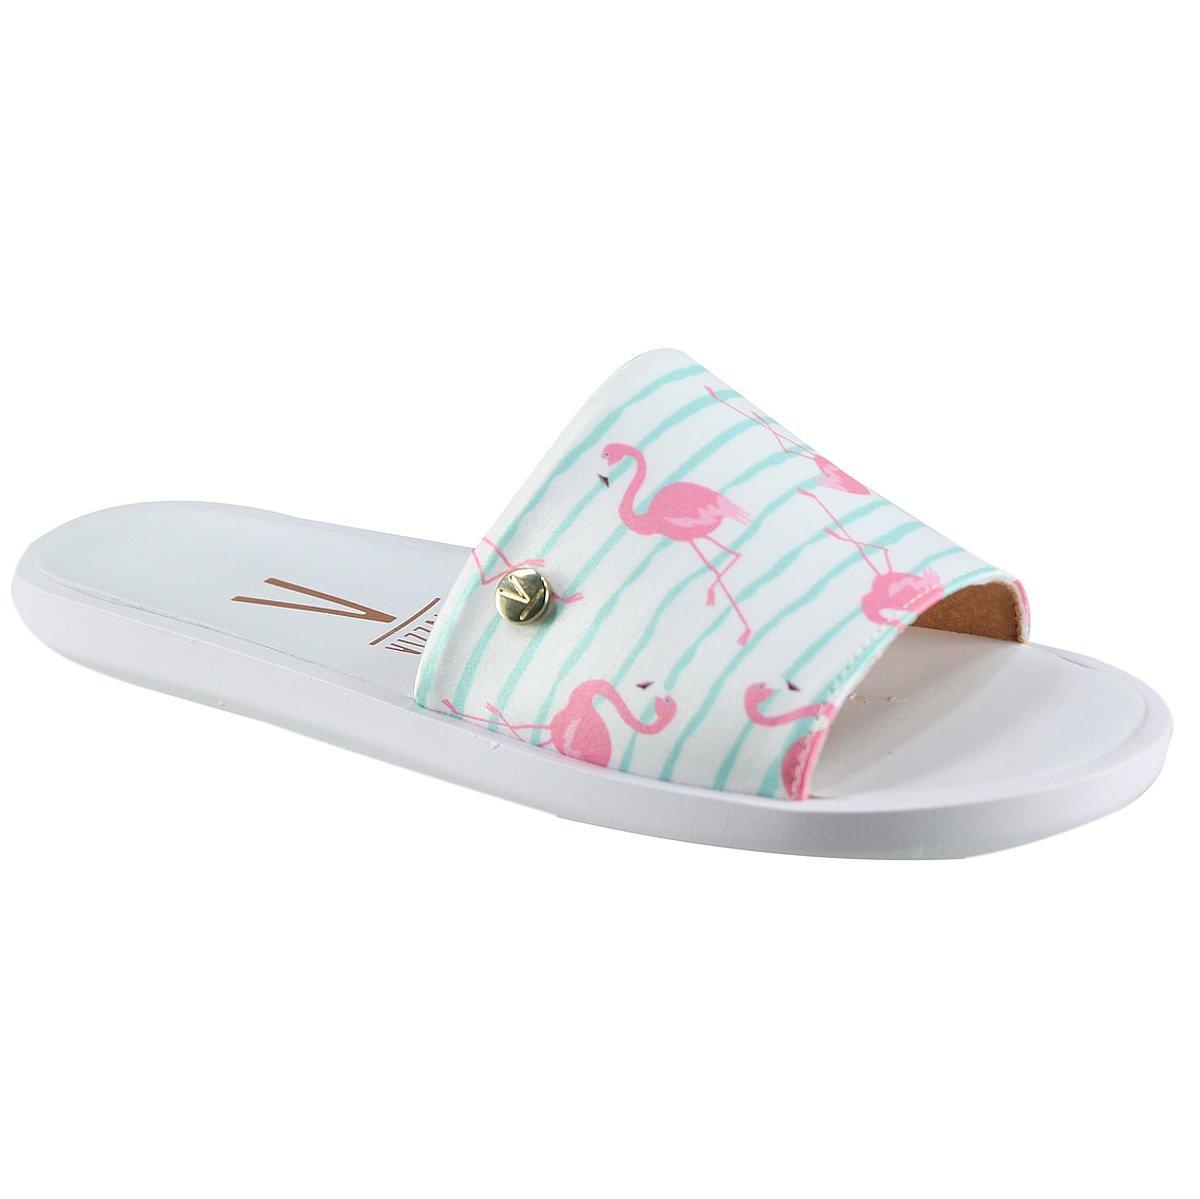 8485356035 Sandália Vizzano Slide 6363.105 14819 53141 Multi Verde (Cetim Flamingo)